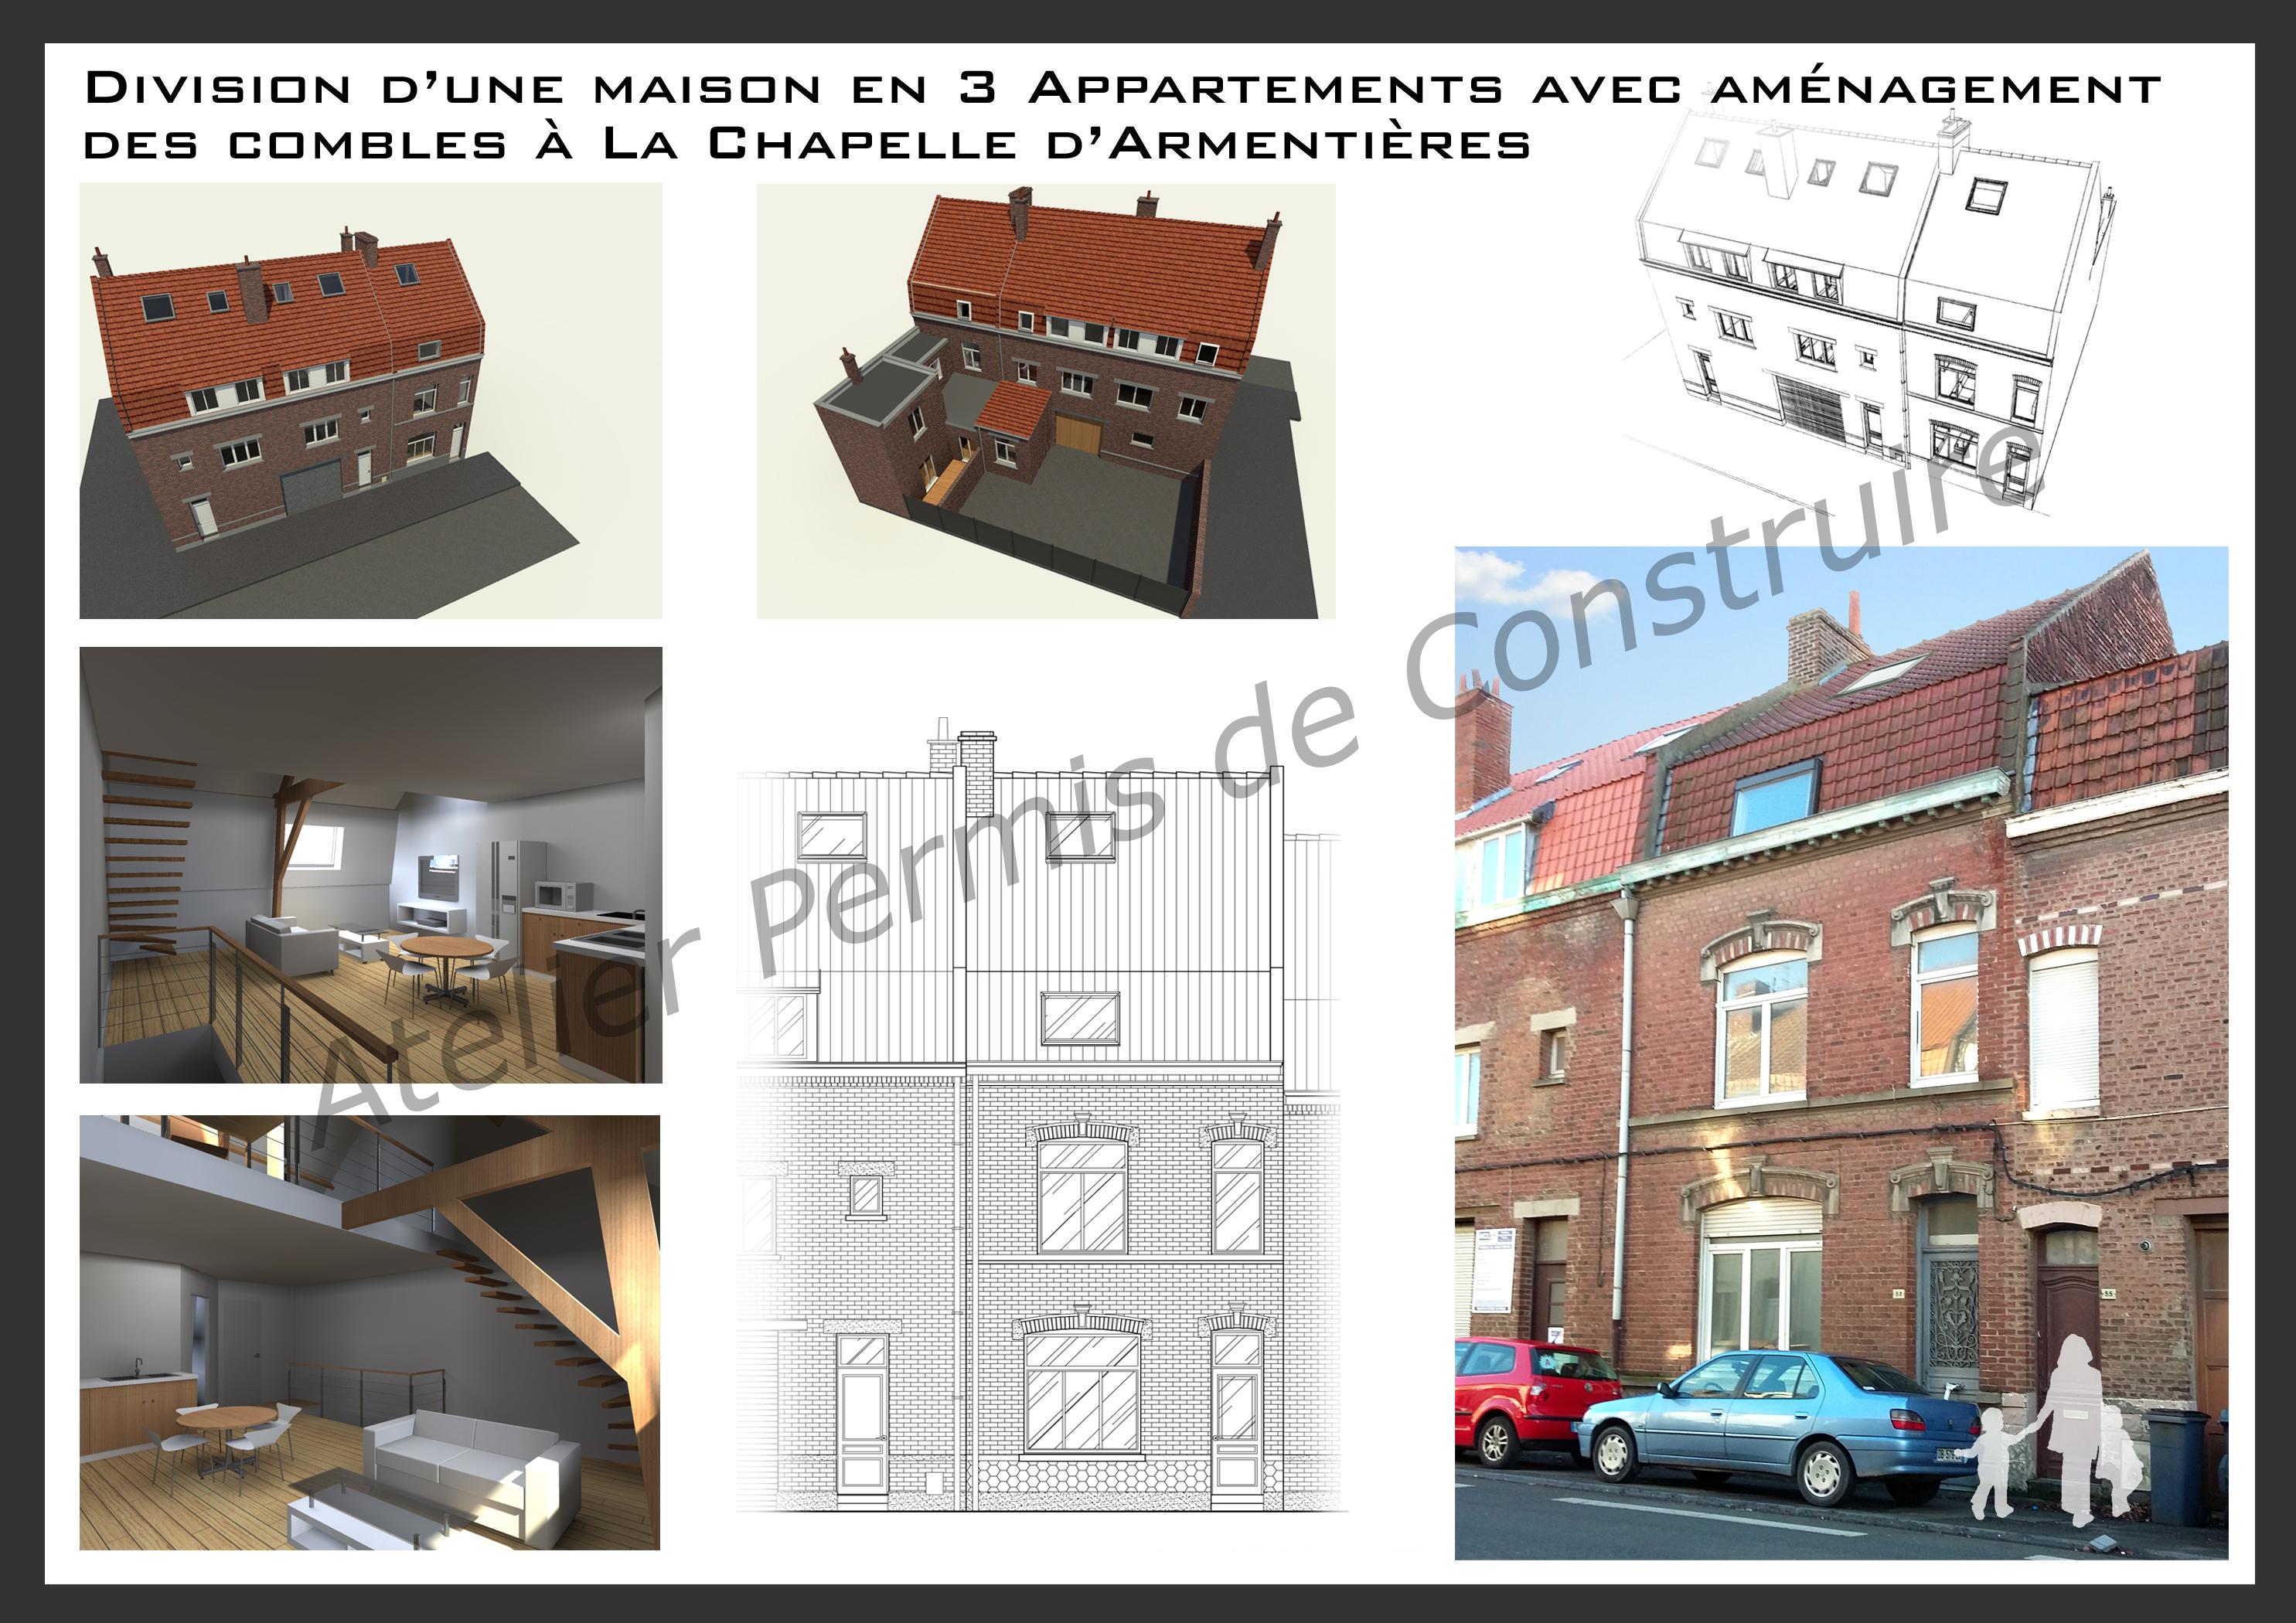 16.03 Atelier permis de construire nord maison La Chapelle d'Armentières